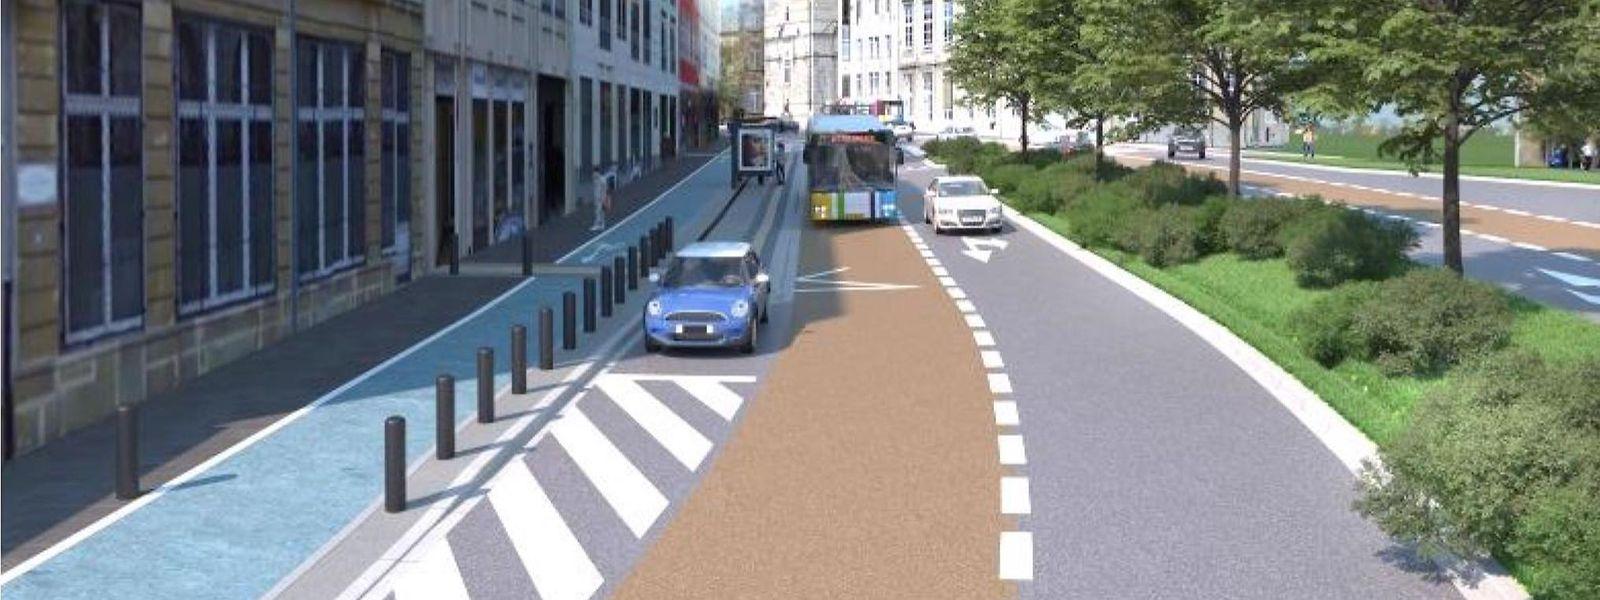 Auch in Zukunft wird es keine klare Trennung zwischen Rad- und Fußweg geben.